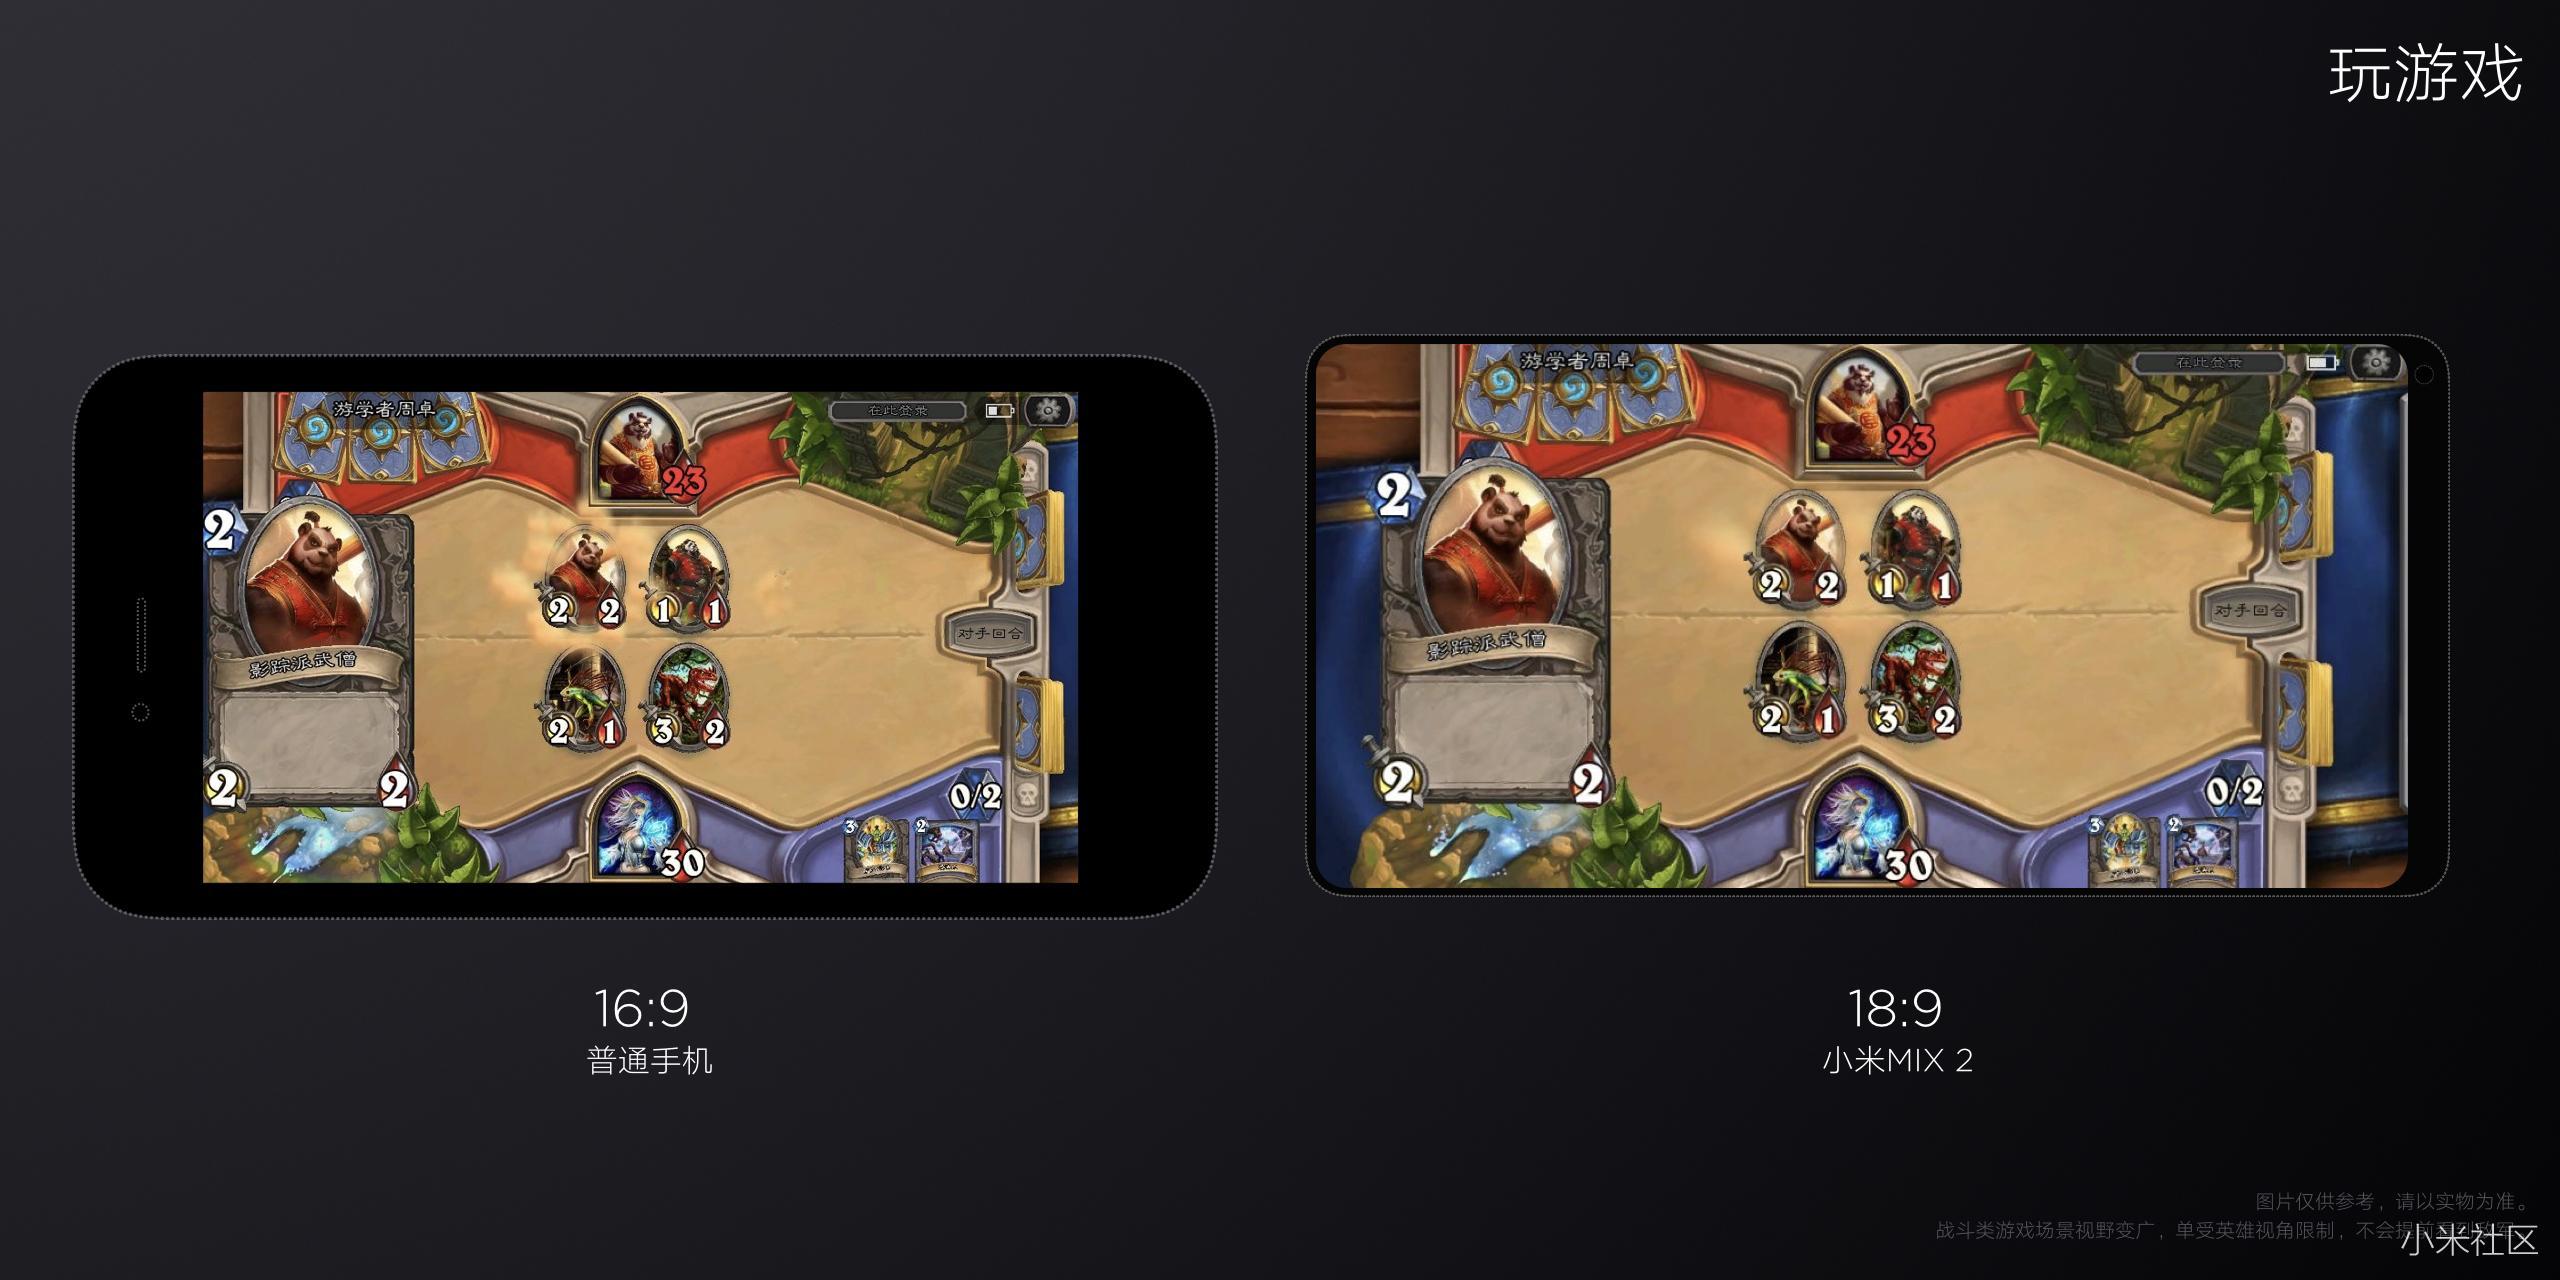 El Xiaomi Mi MIX 2 es excelente para nosotros los gamers